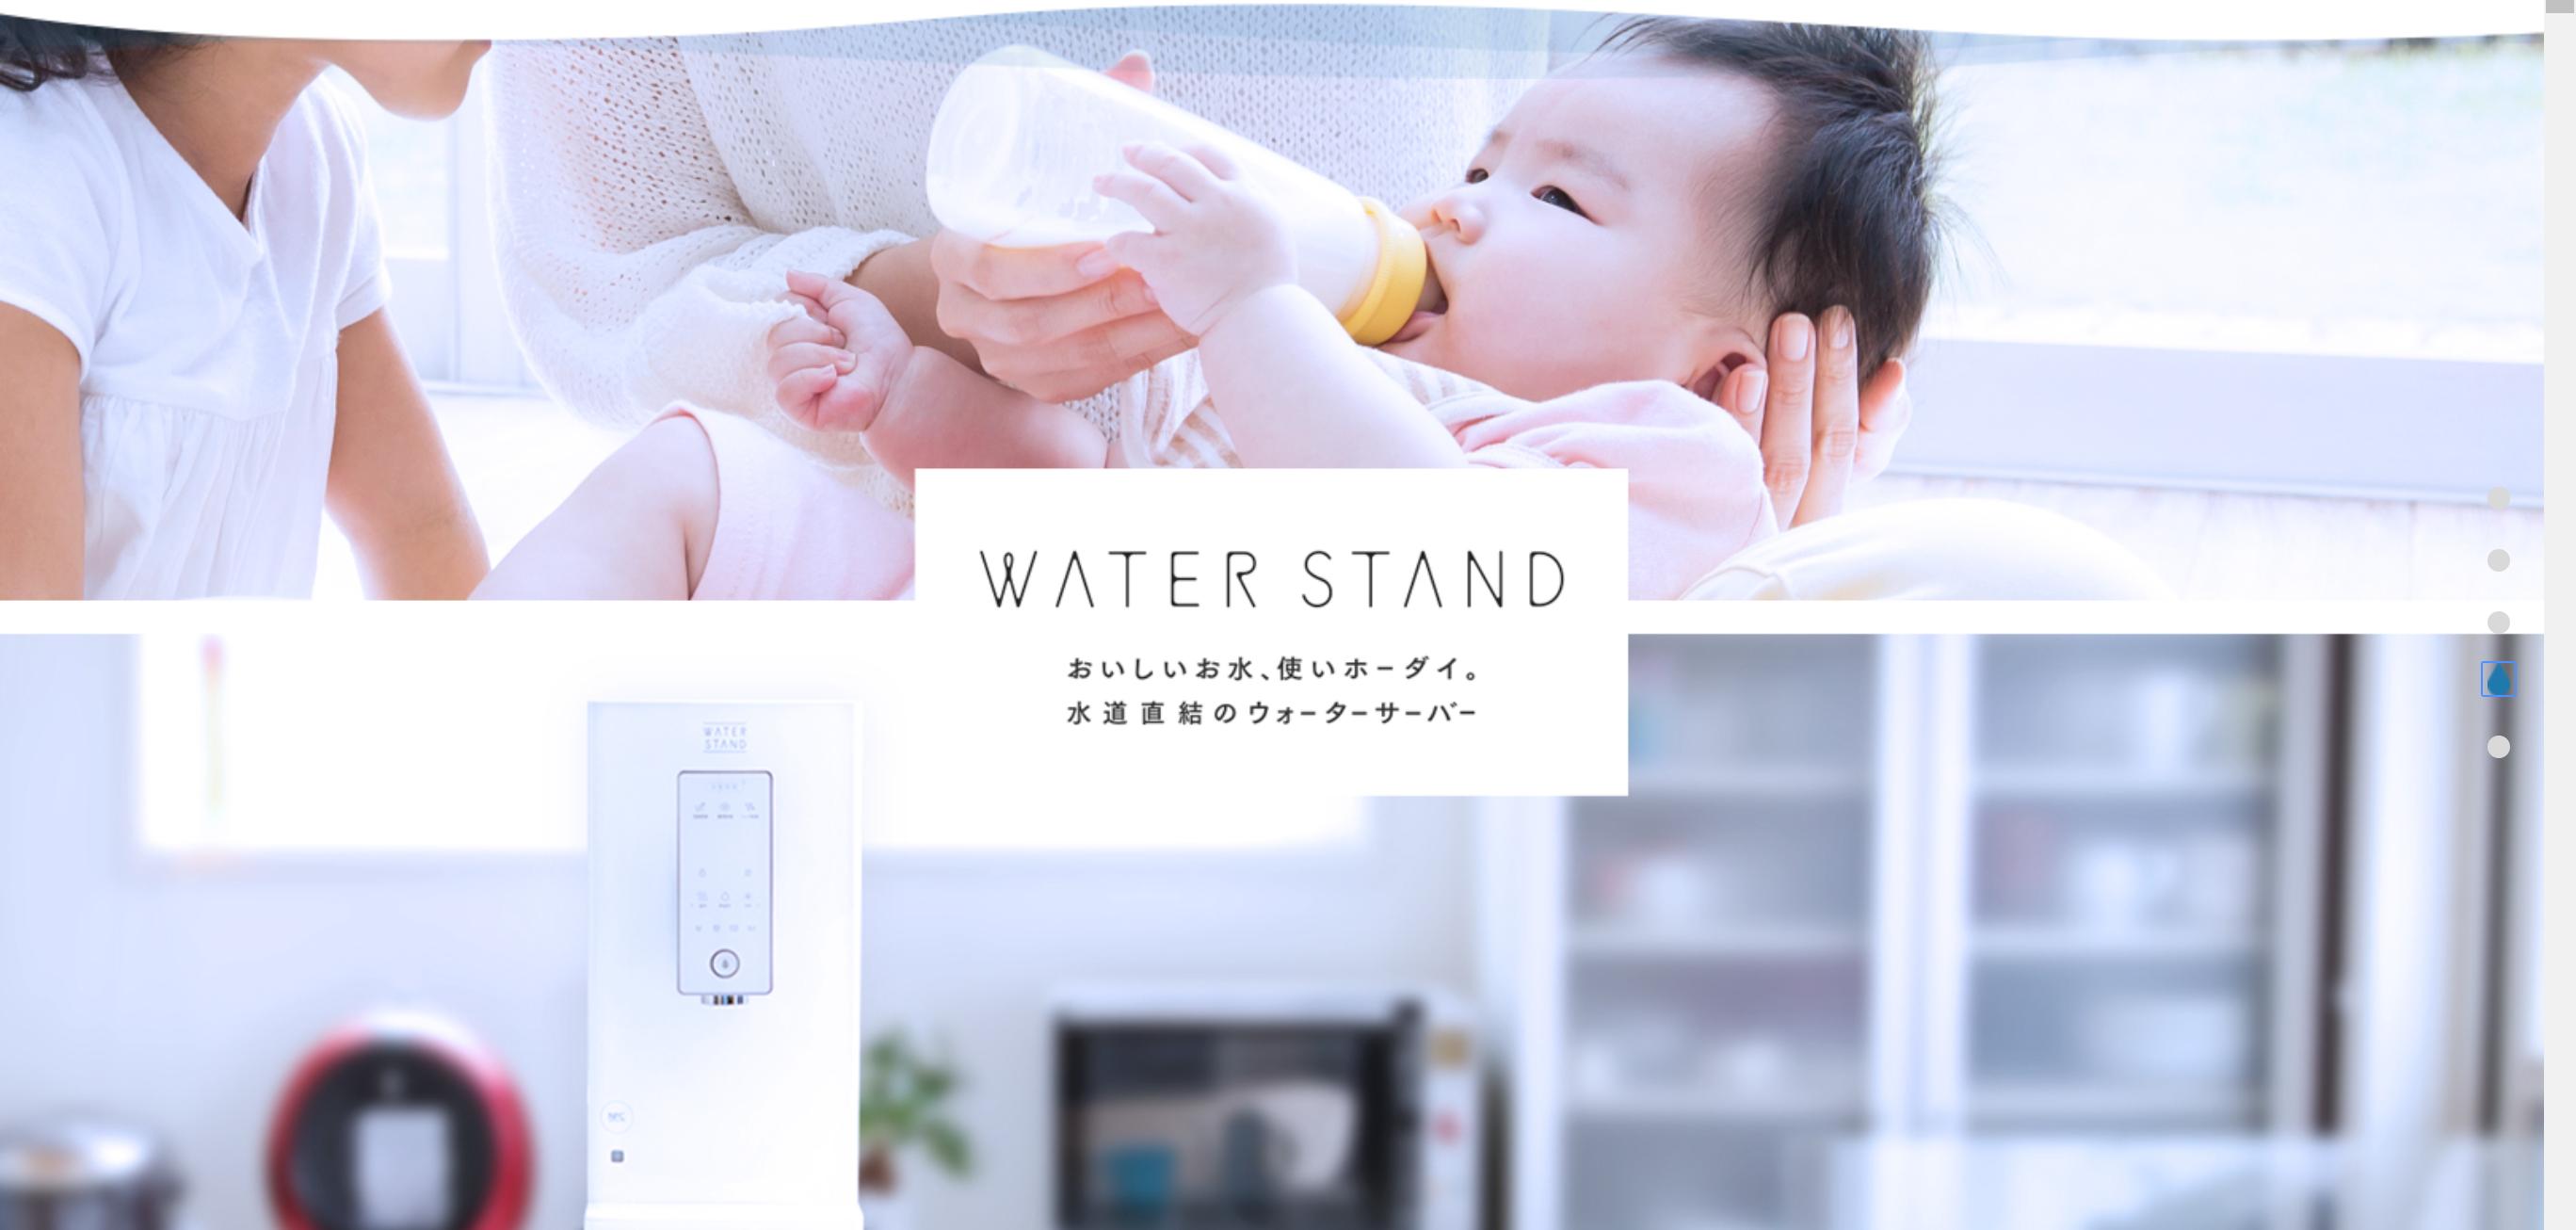 岐阜県でウォータースタンドが使いたい!対応地域をチェックしよう